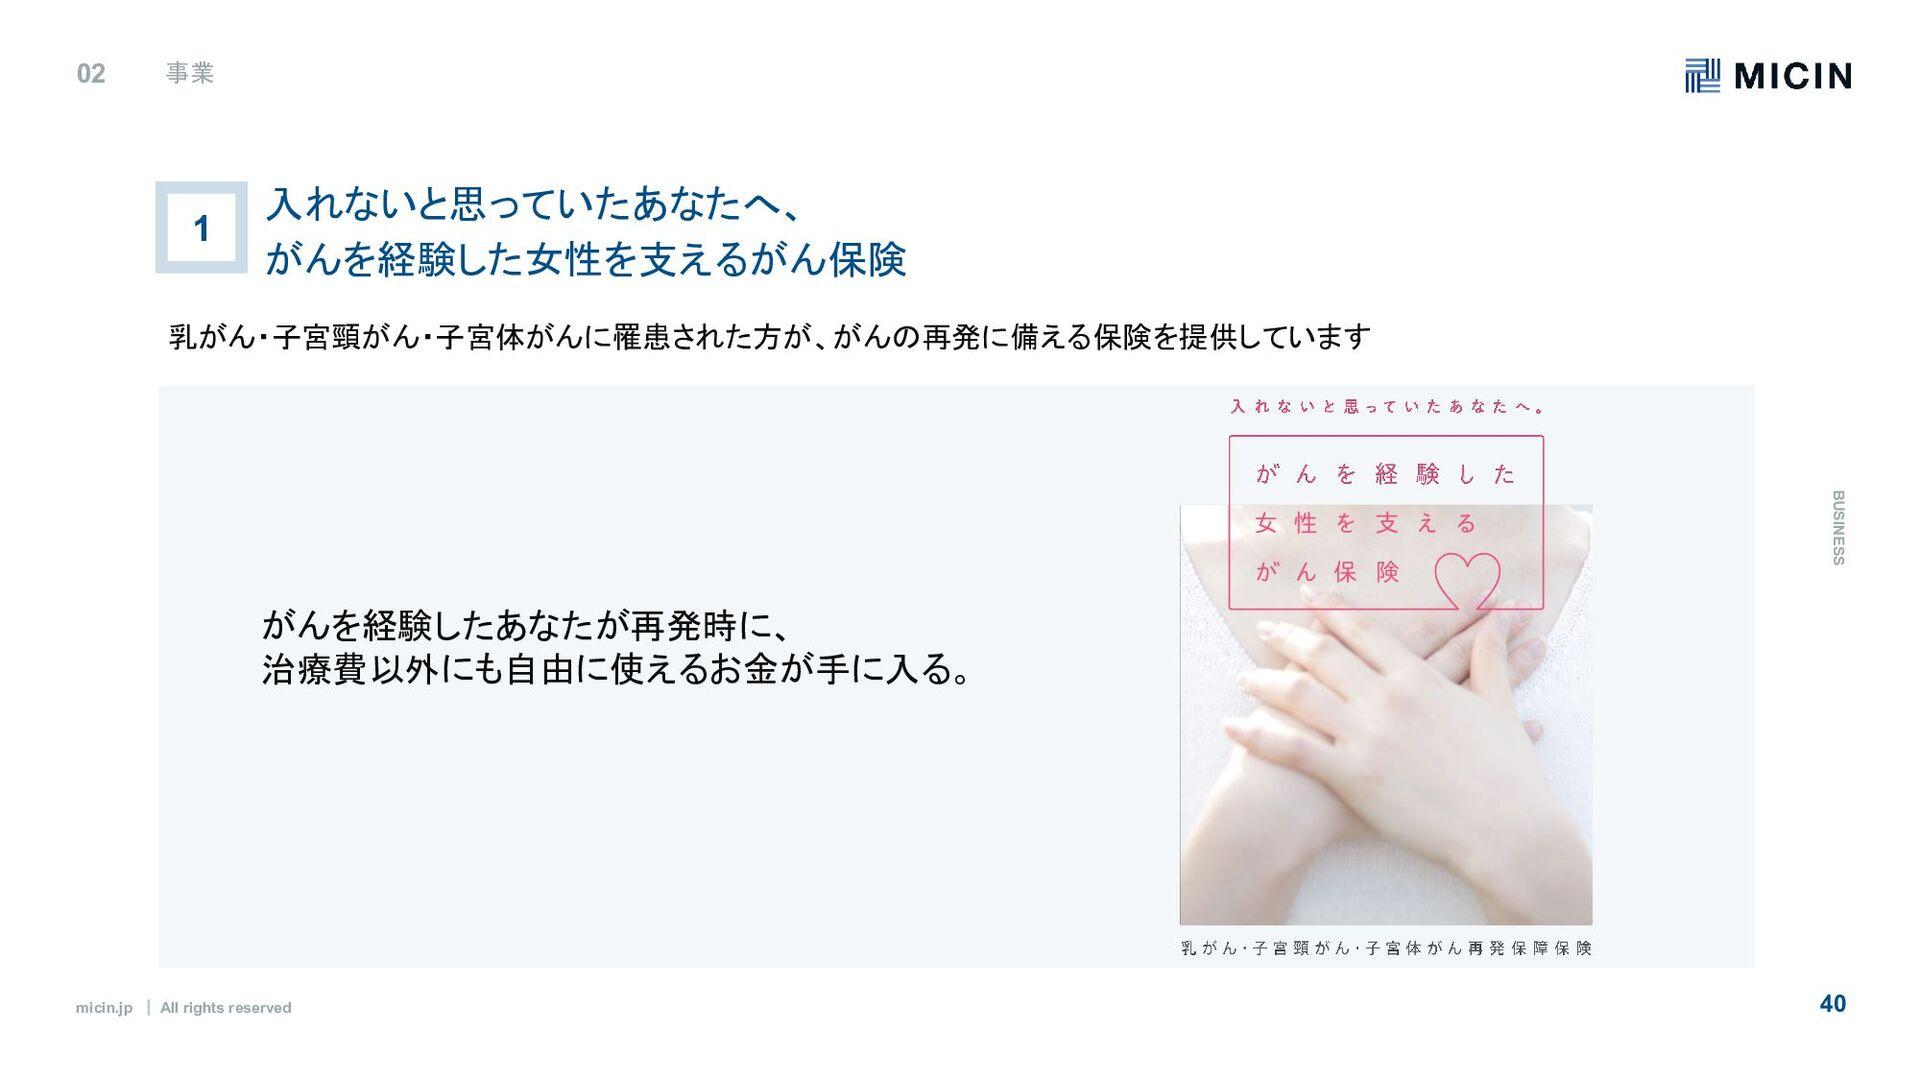 micin.jp ʛ All rights reserved 40 メンバー紹介 03 K.I...